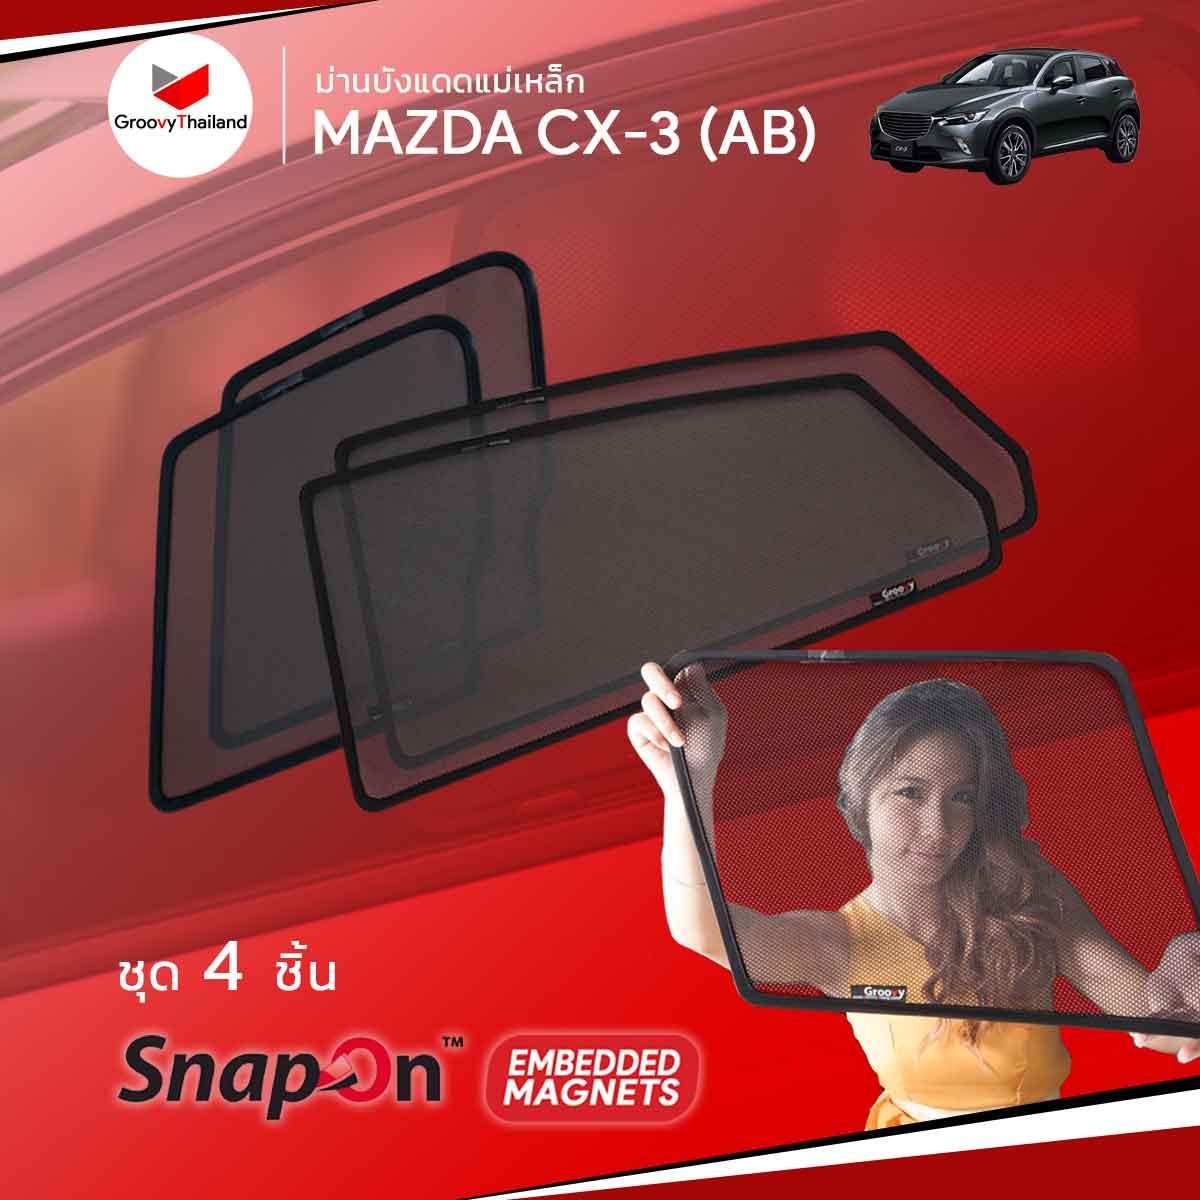 ม่านบังแดดแม่เหล็ก - MAZDA CX-3 (AB)